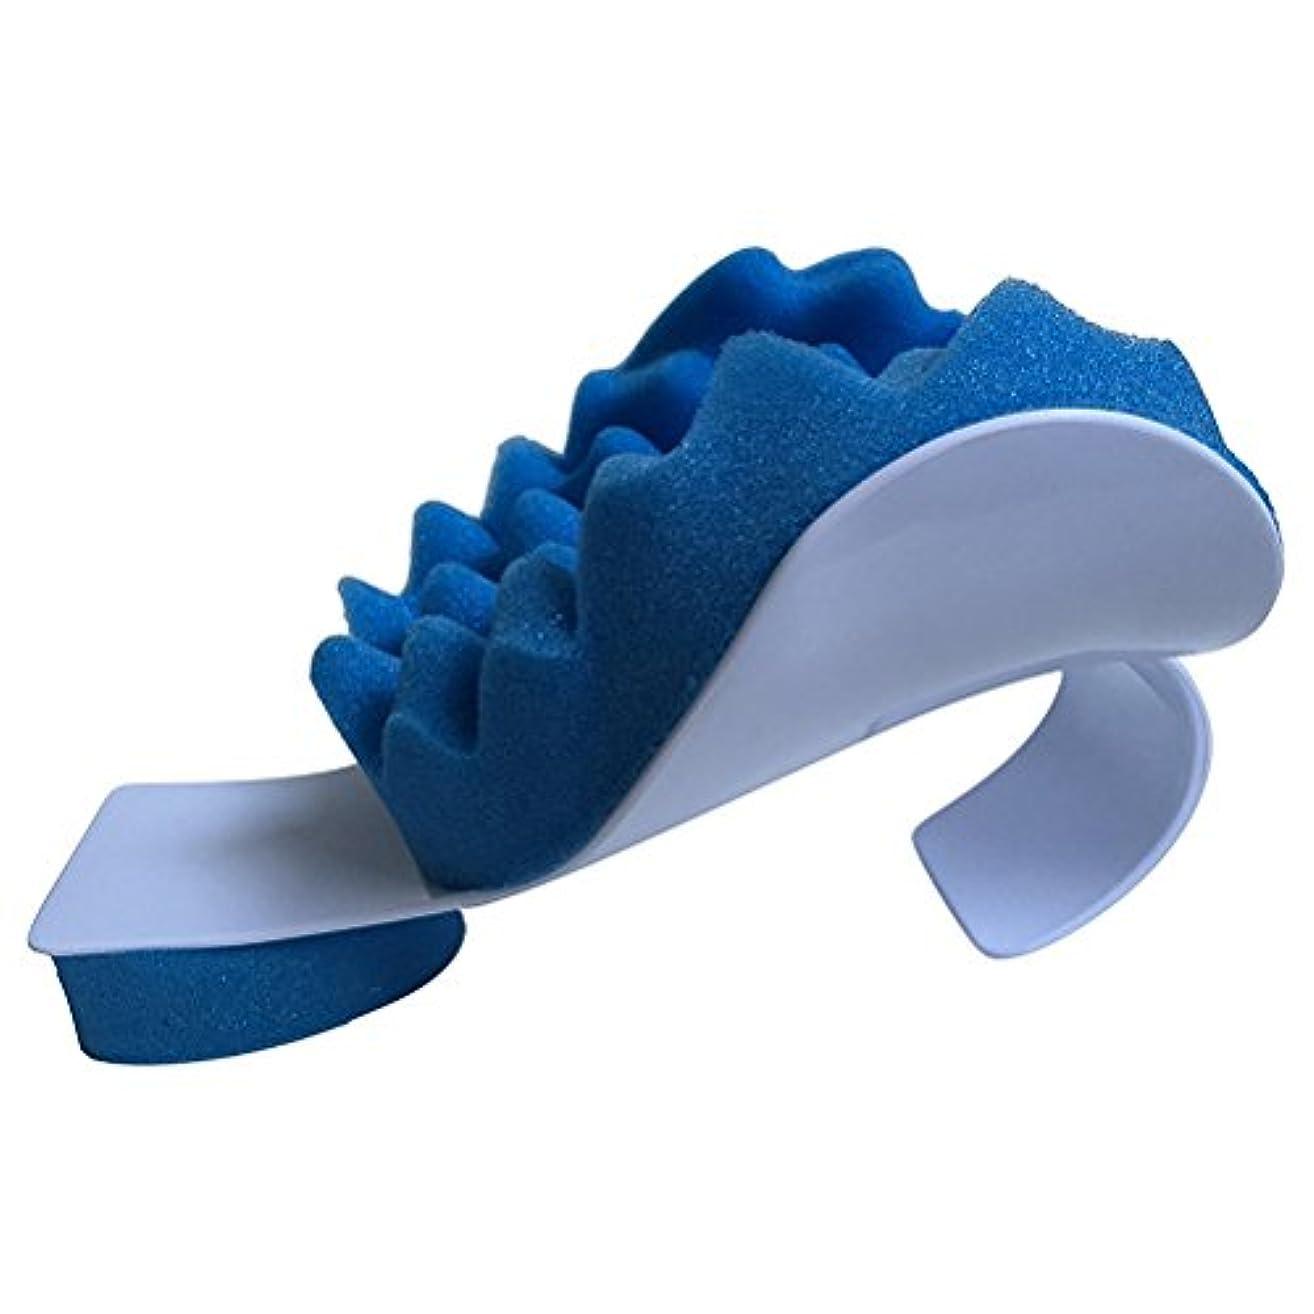 イブニングまさに物理的にROSENICE マッサージ枕ネック痛みリリーフとショルダーリラクサーマッサージトラクションピロー(ブルー)